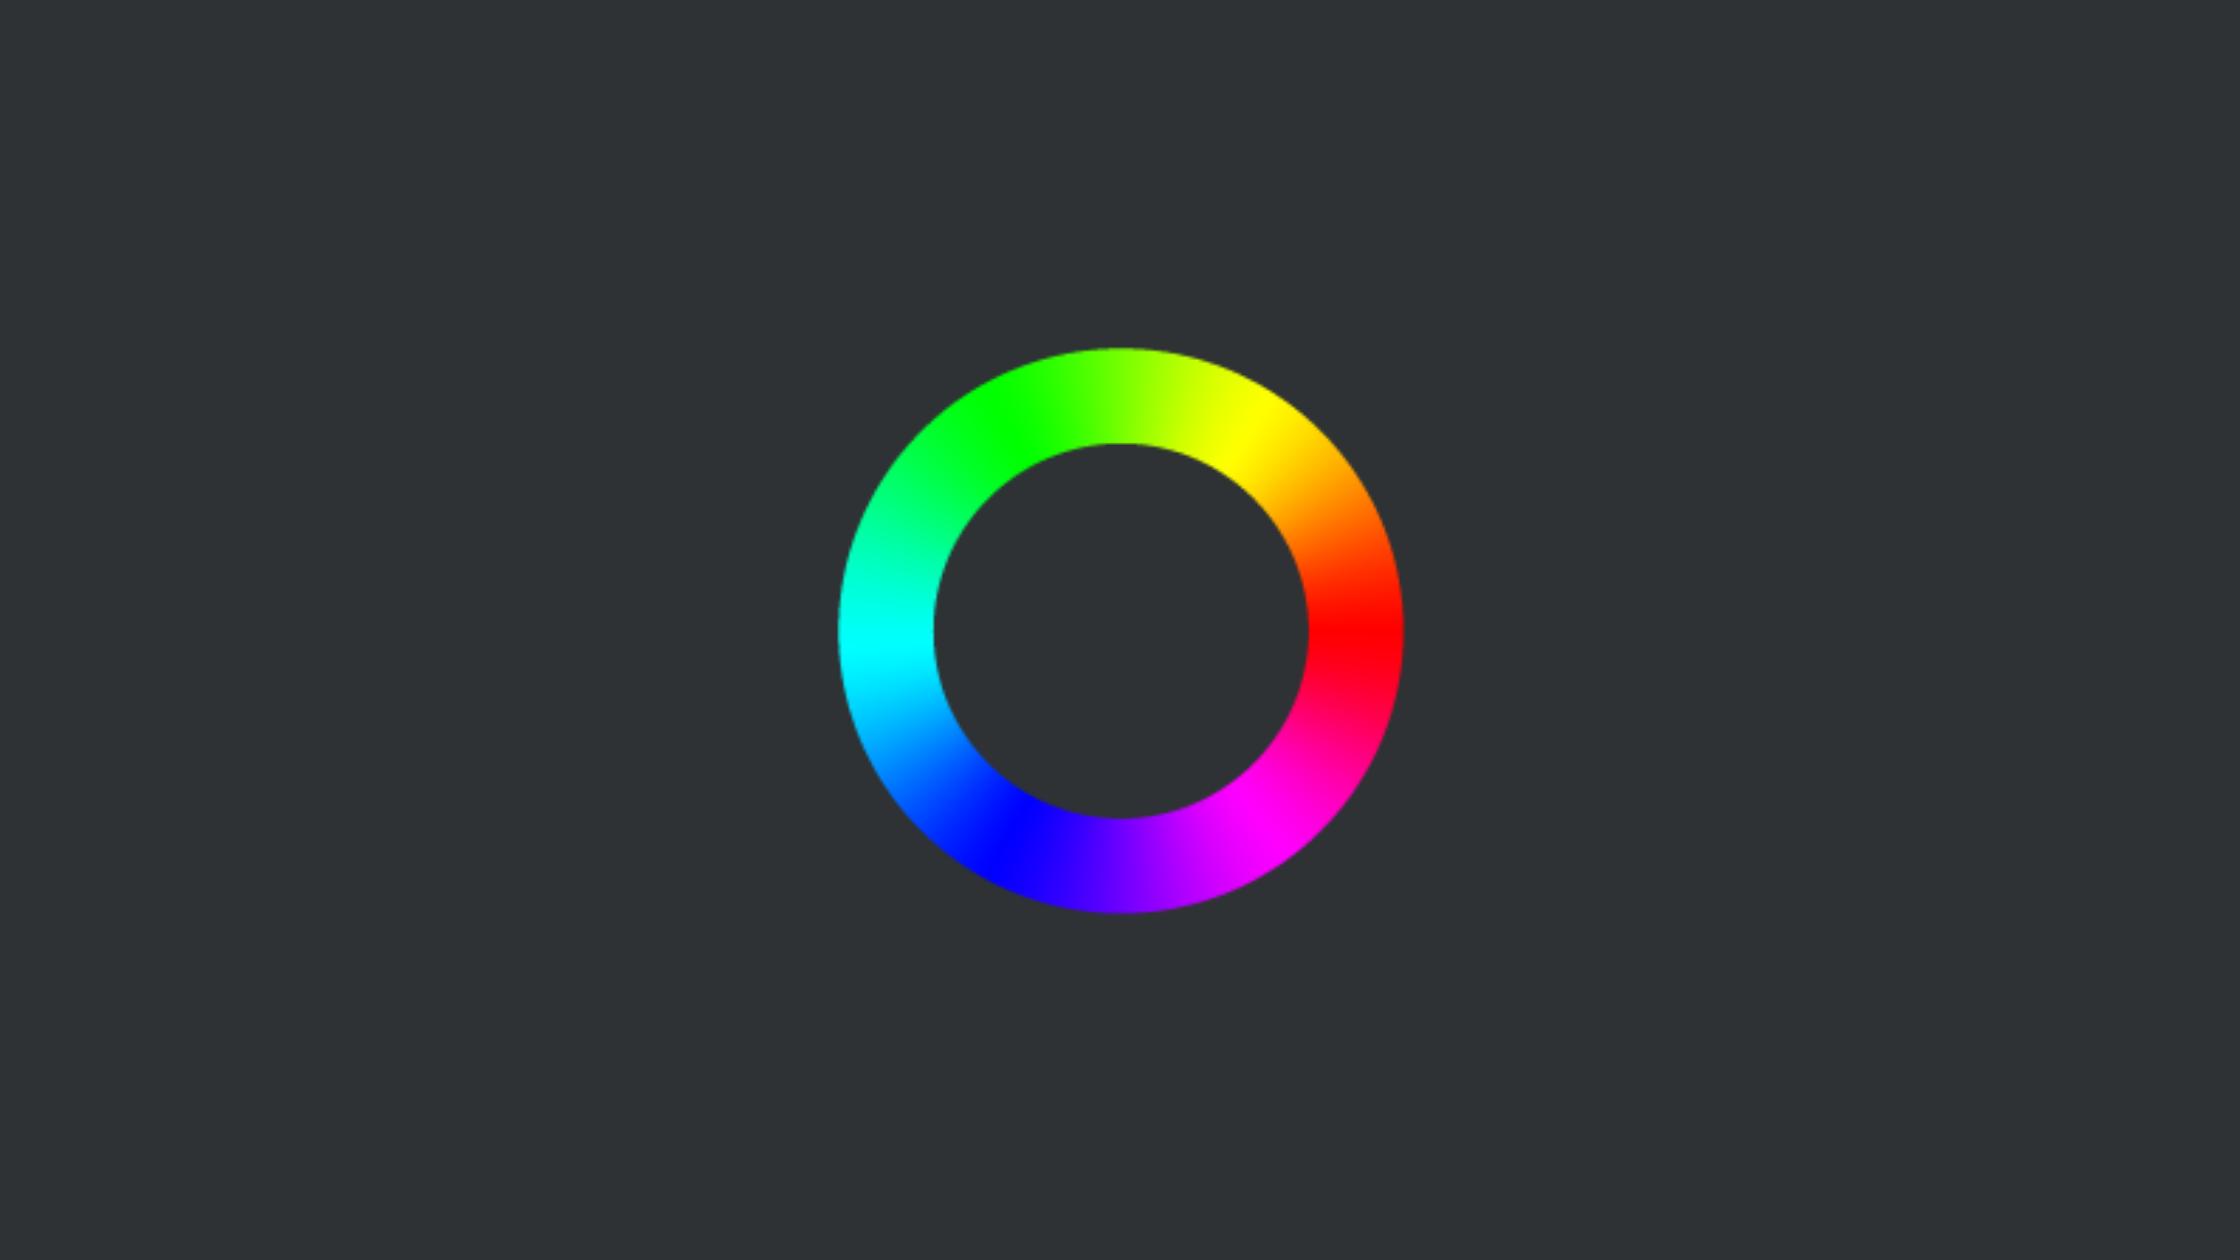 Image Color Picker